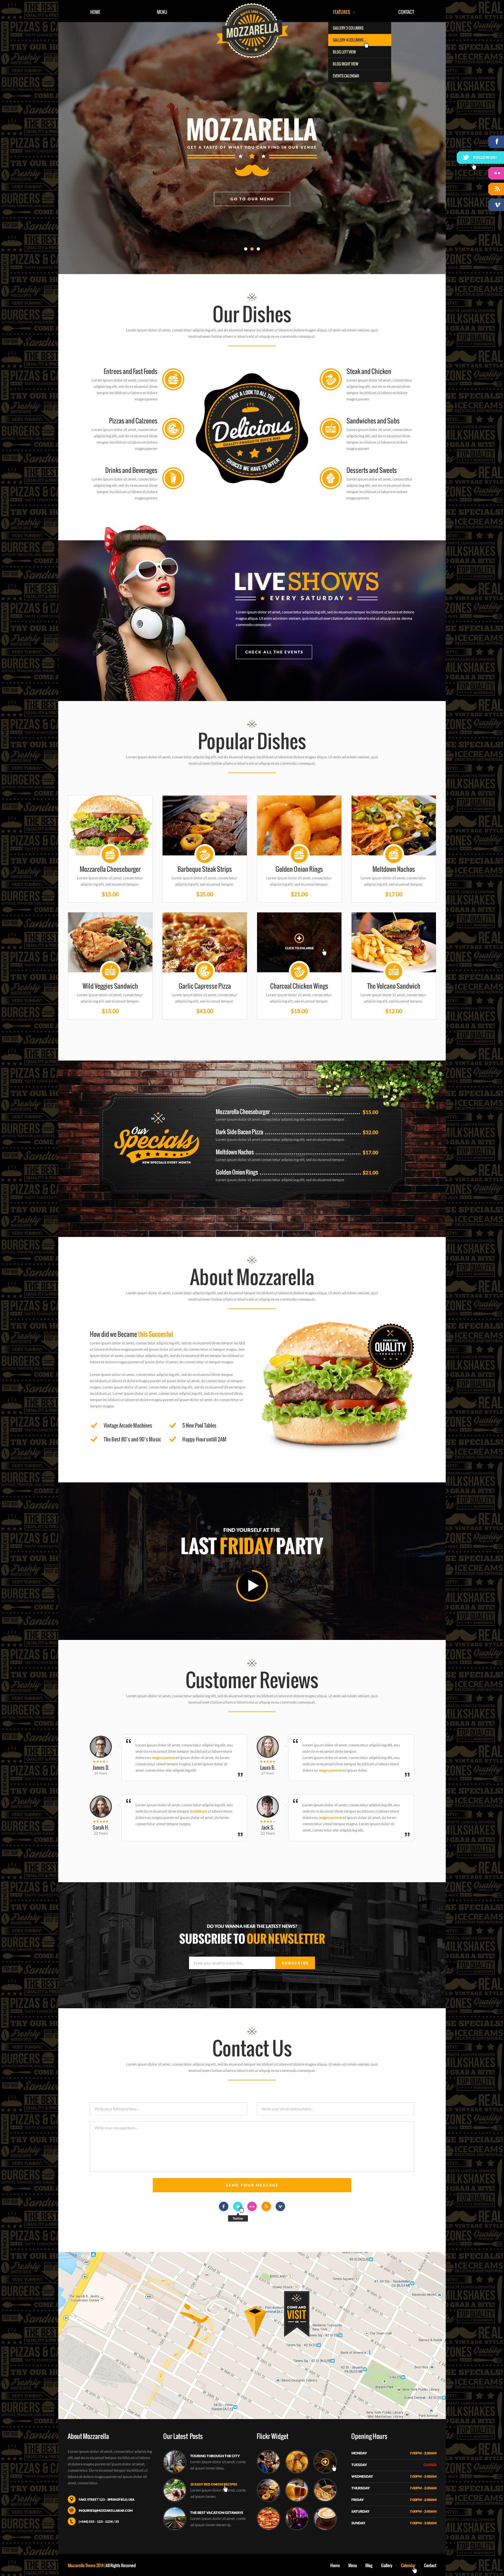 mozzarella cafe bar psd template home bar and templates